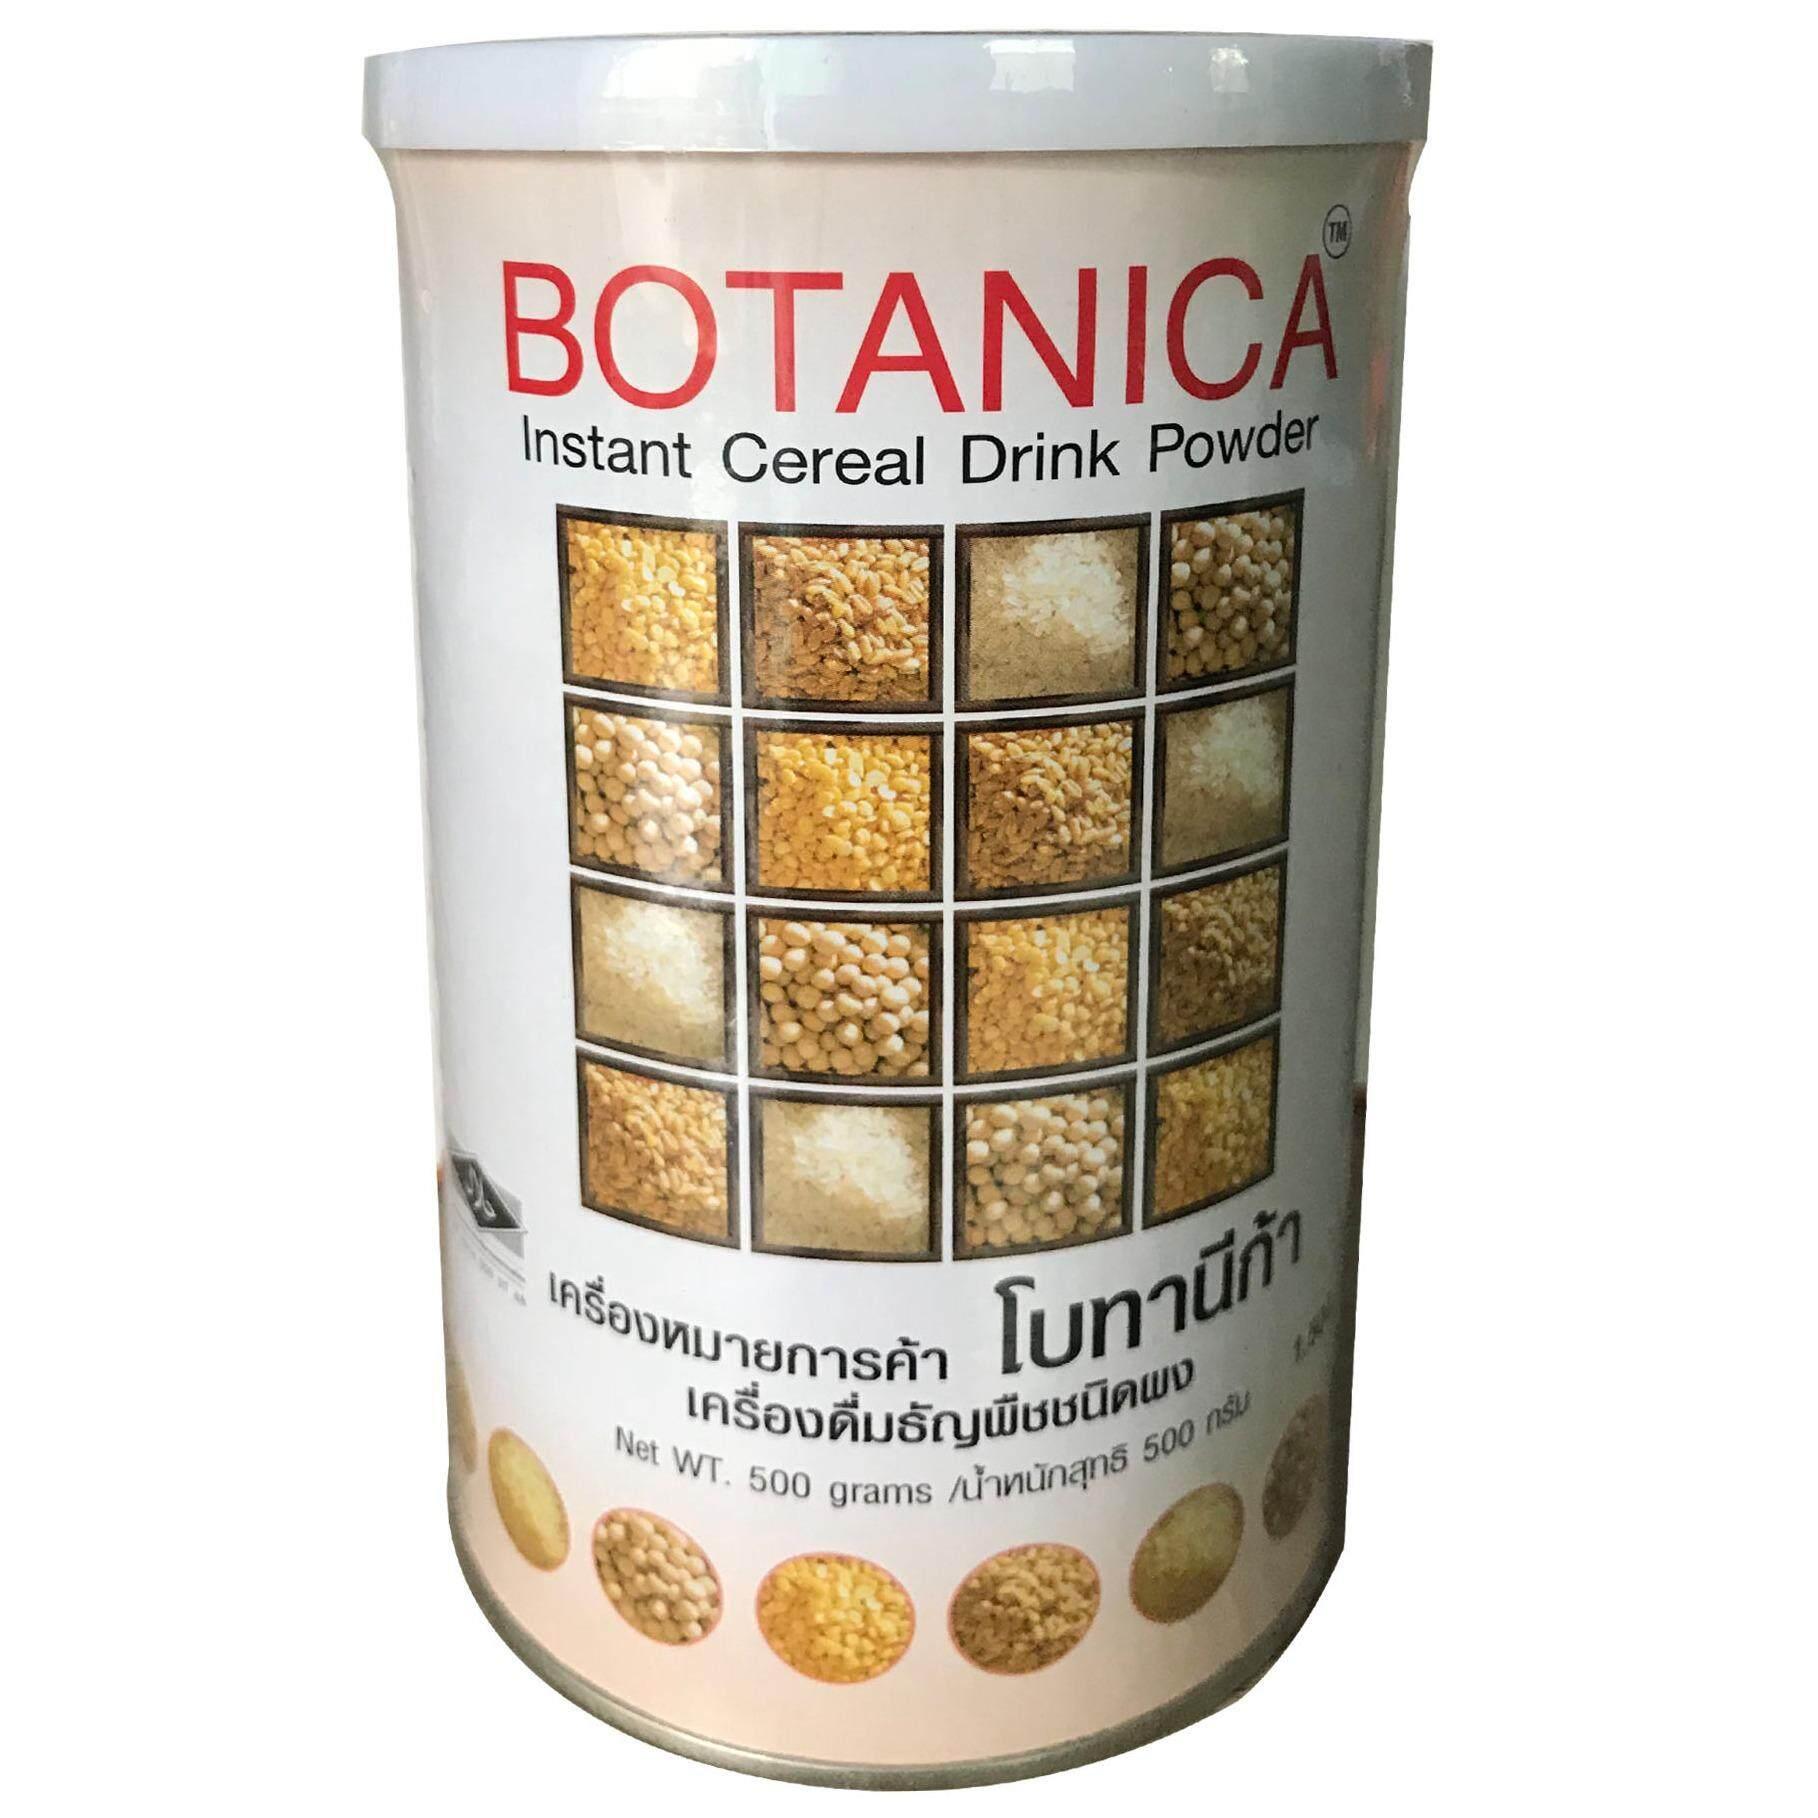 โปรโมชั่น Botanica Collection โบทานีก้า สกัดจากธัญพืช 500กรัม X 1กระปุก